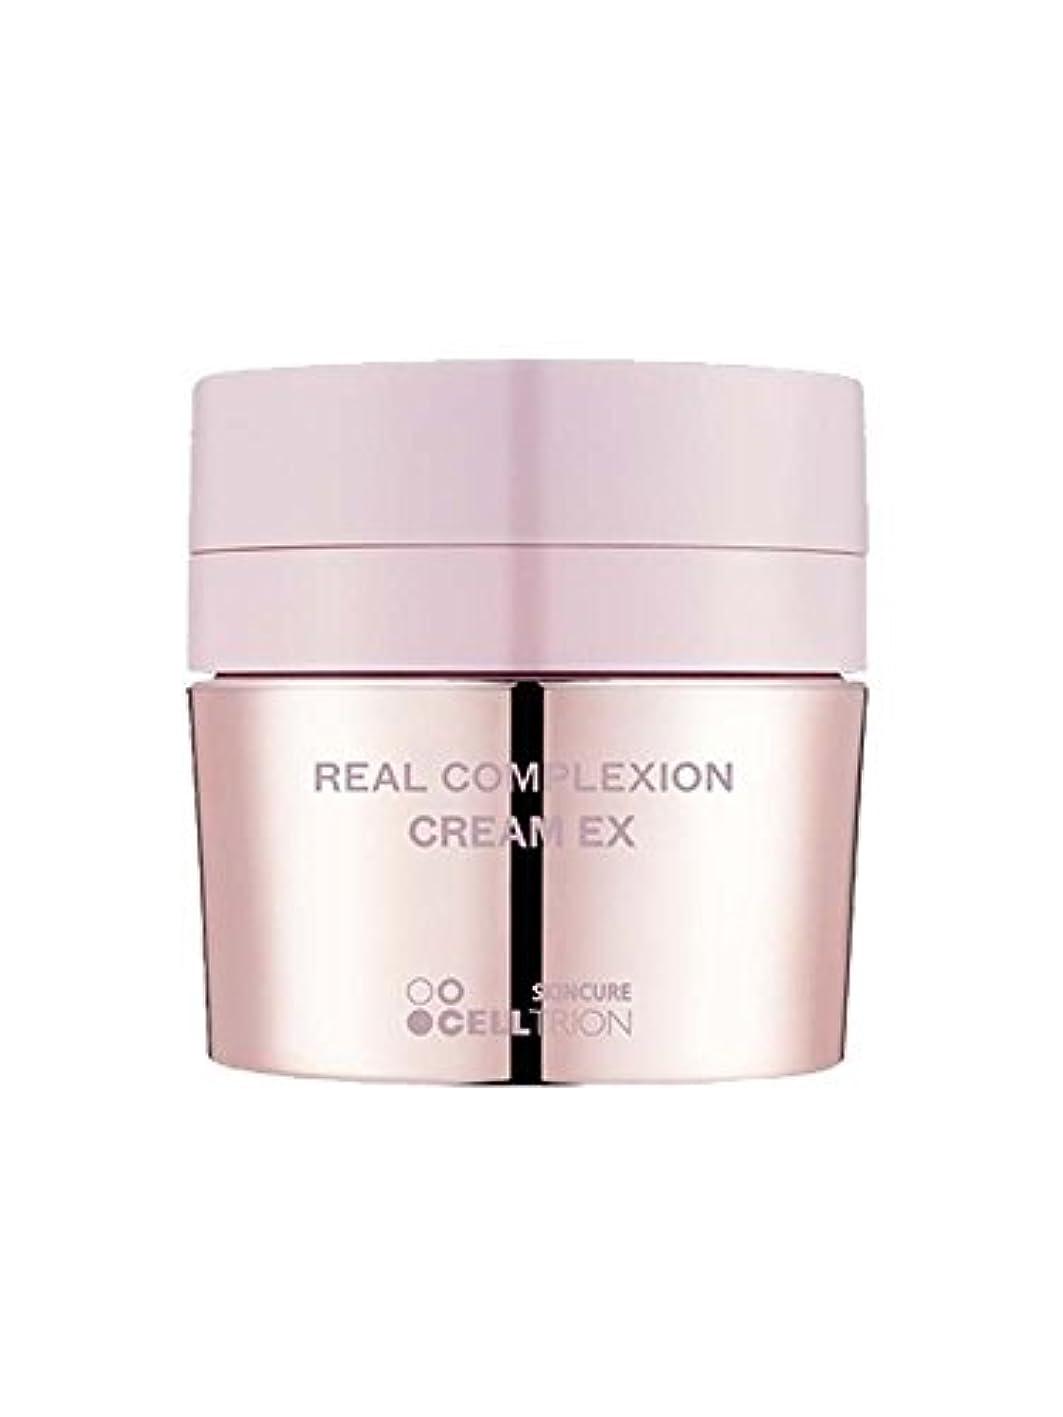 第四ストレスの多いいじめっ子HANSKIN Real Complexion cream EX 50ml/ハンスキン リアル コンプレクション クリーム EX 50ml [並行輸入品]